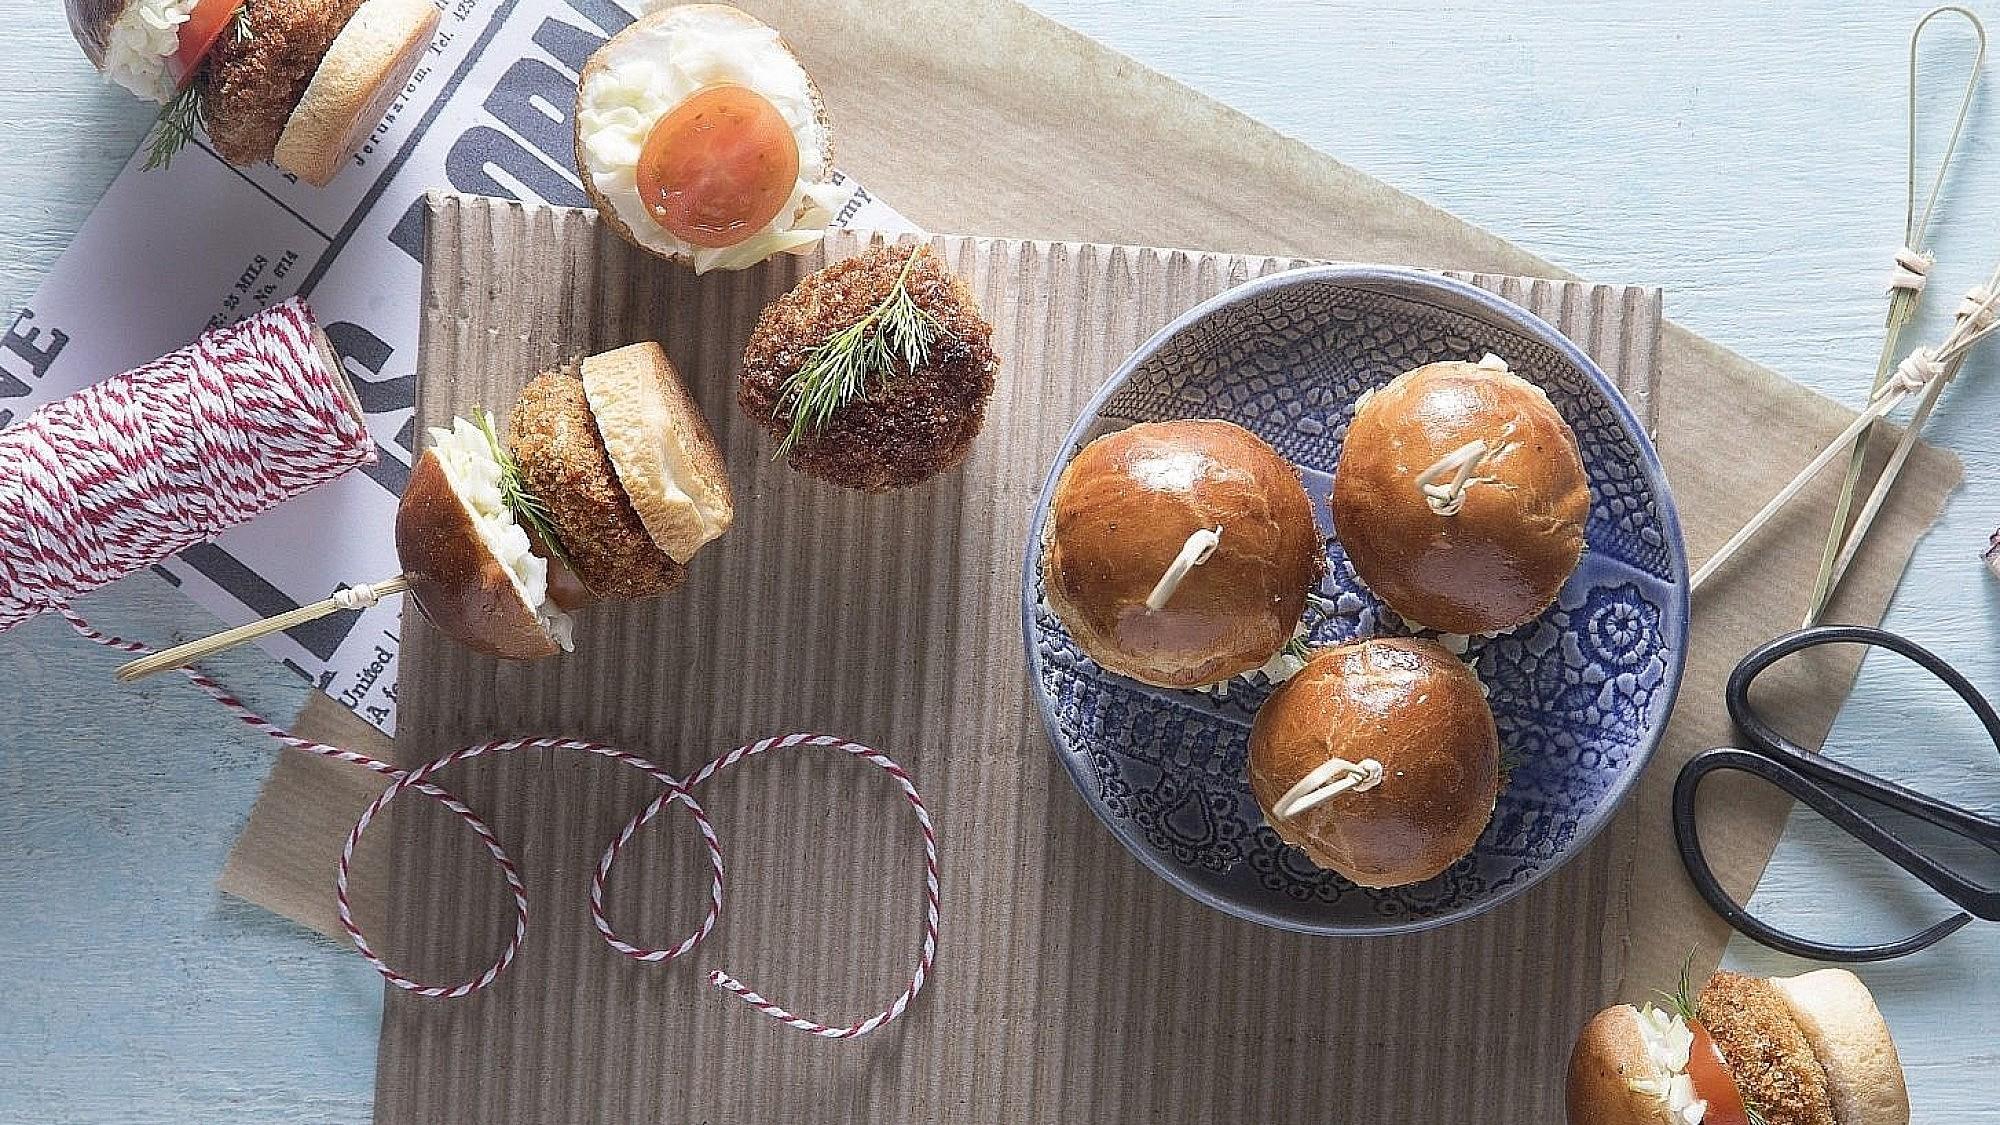 מיני בורגר בריוש, קבב עדשים וגבינות של השף ארז תורג'מן. צילום: דניאל לילה. סטיילינג: נעה קנריק